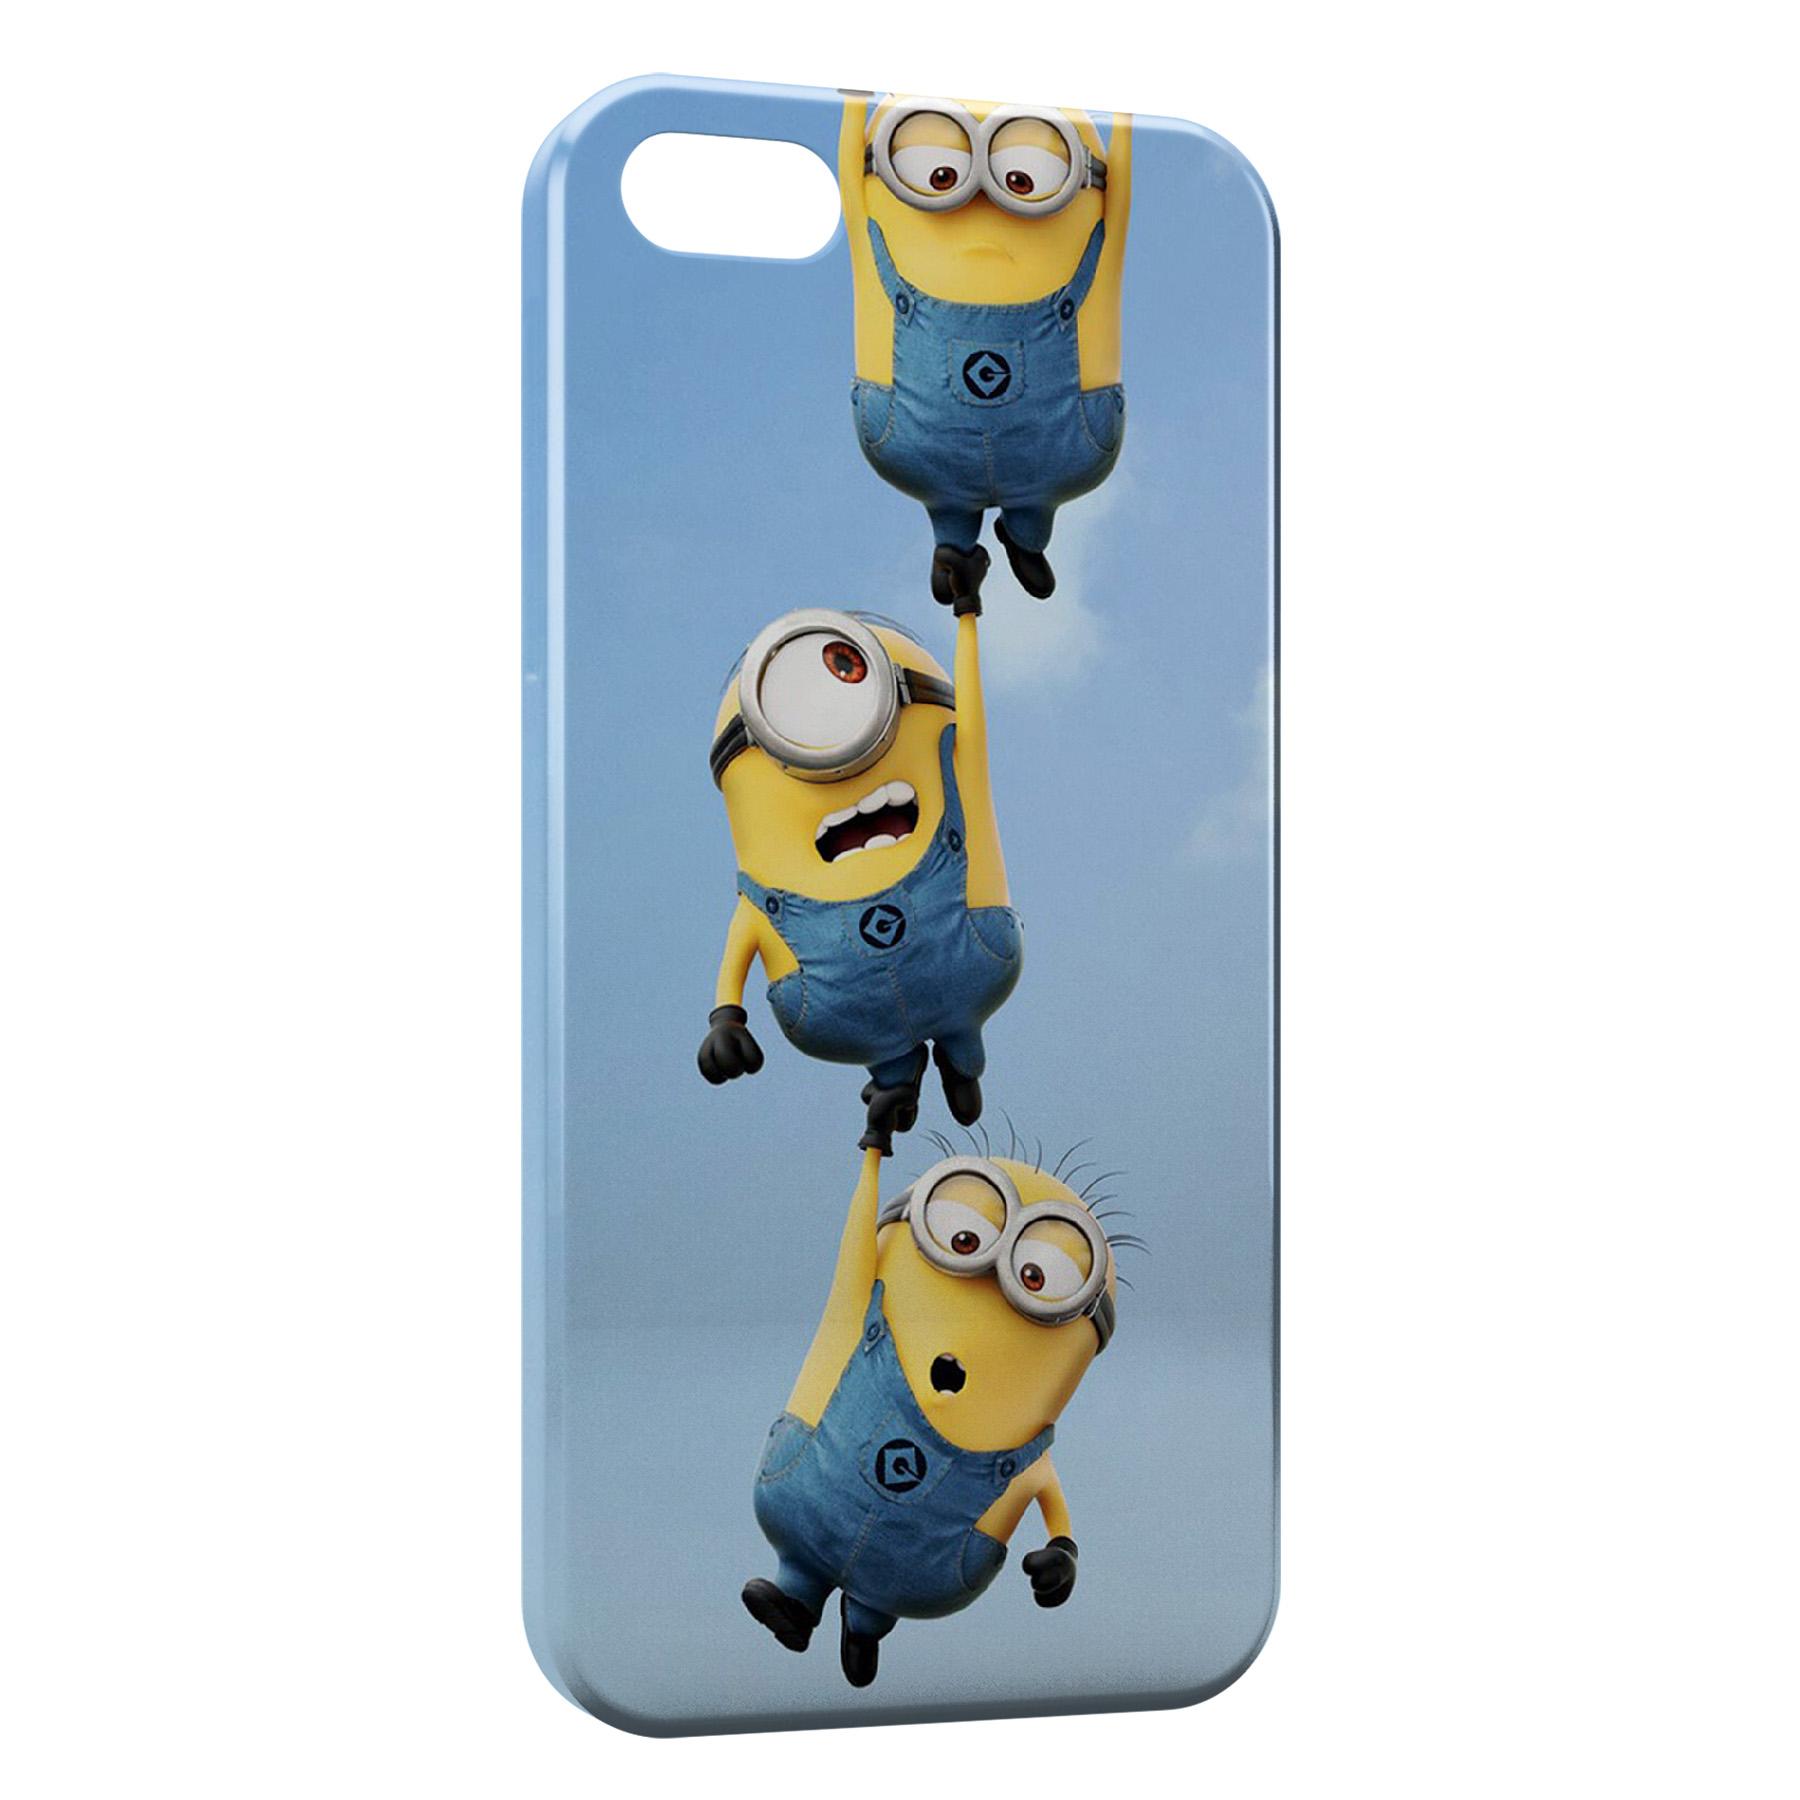 Coque iPhone 5/5S/SE Minion 3